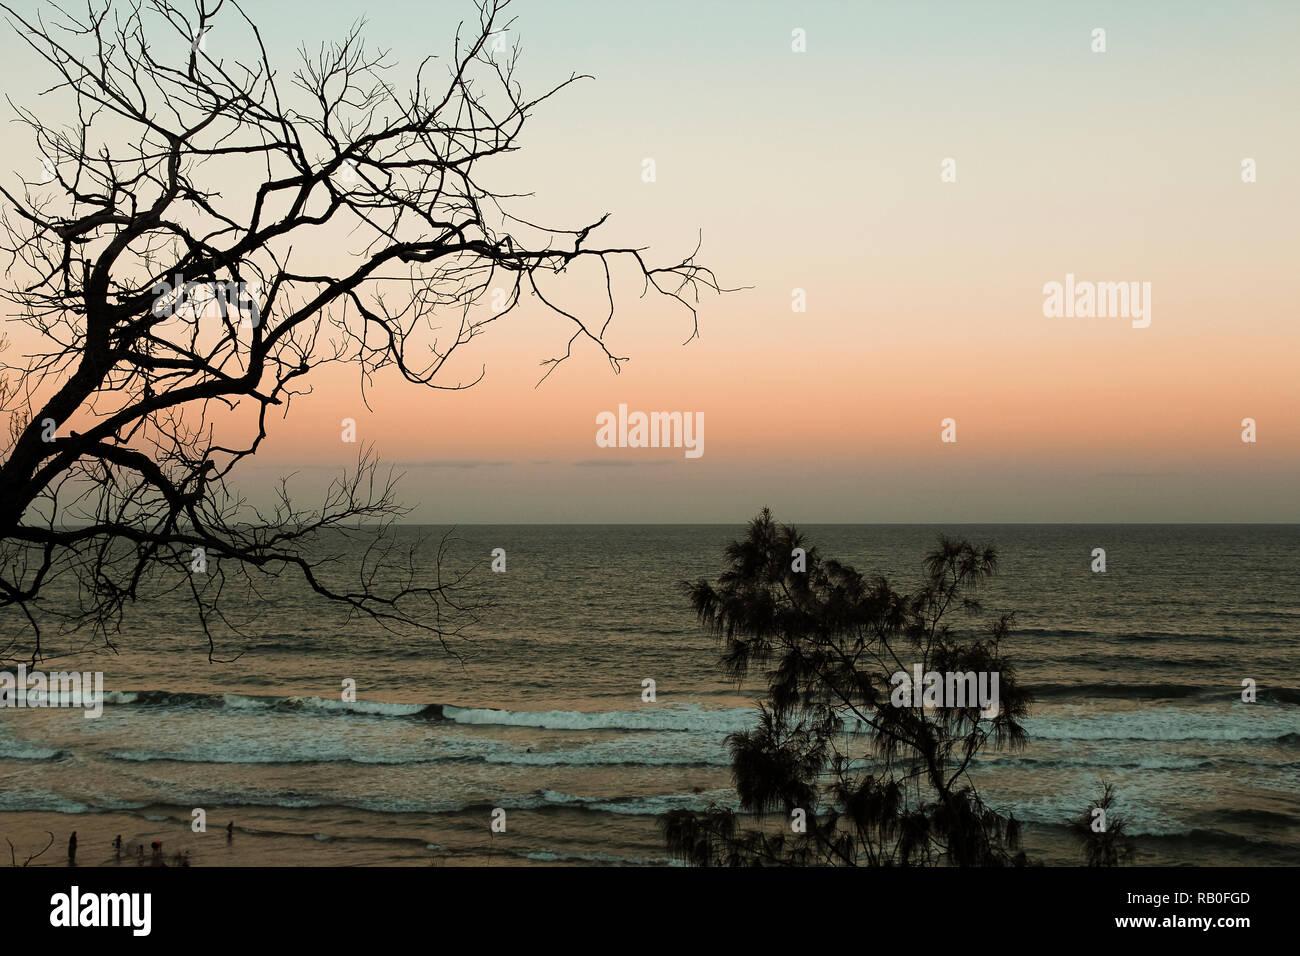 Vista de una típica playa australiana - Coolum Beach, durante la puesta de sol con árboles de naranja y cielo sin nubes (Sunshine Coast, Queensland, Australia) Imagen De Stock